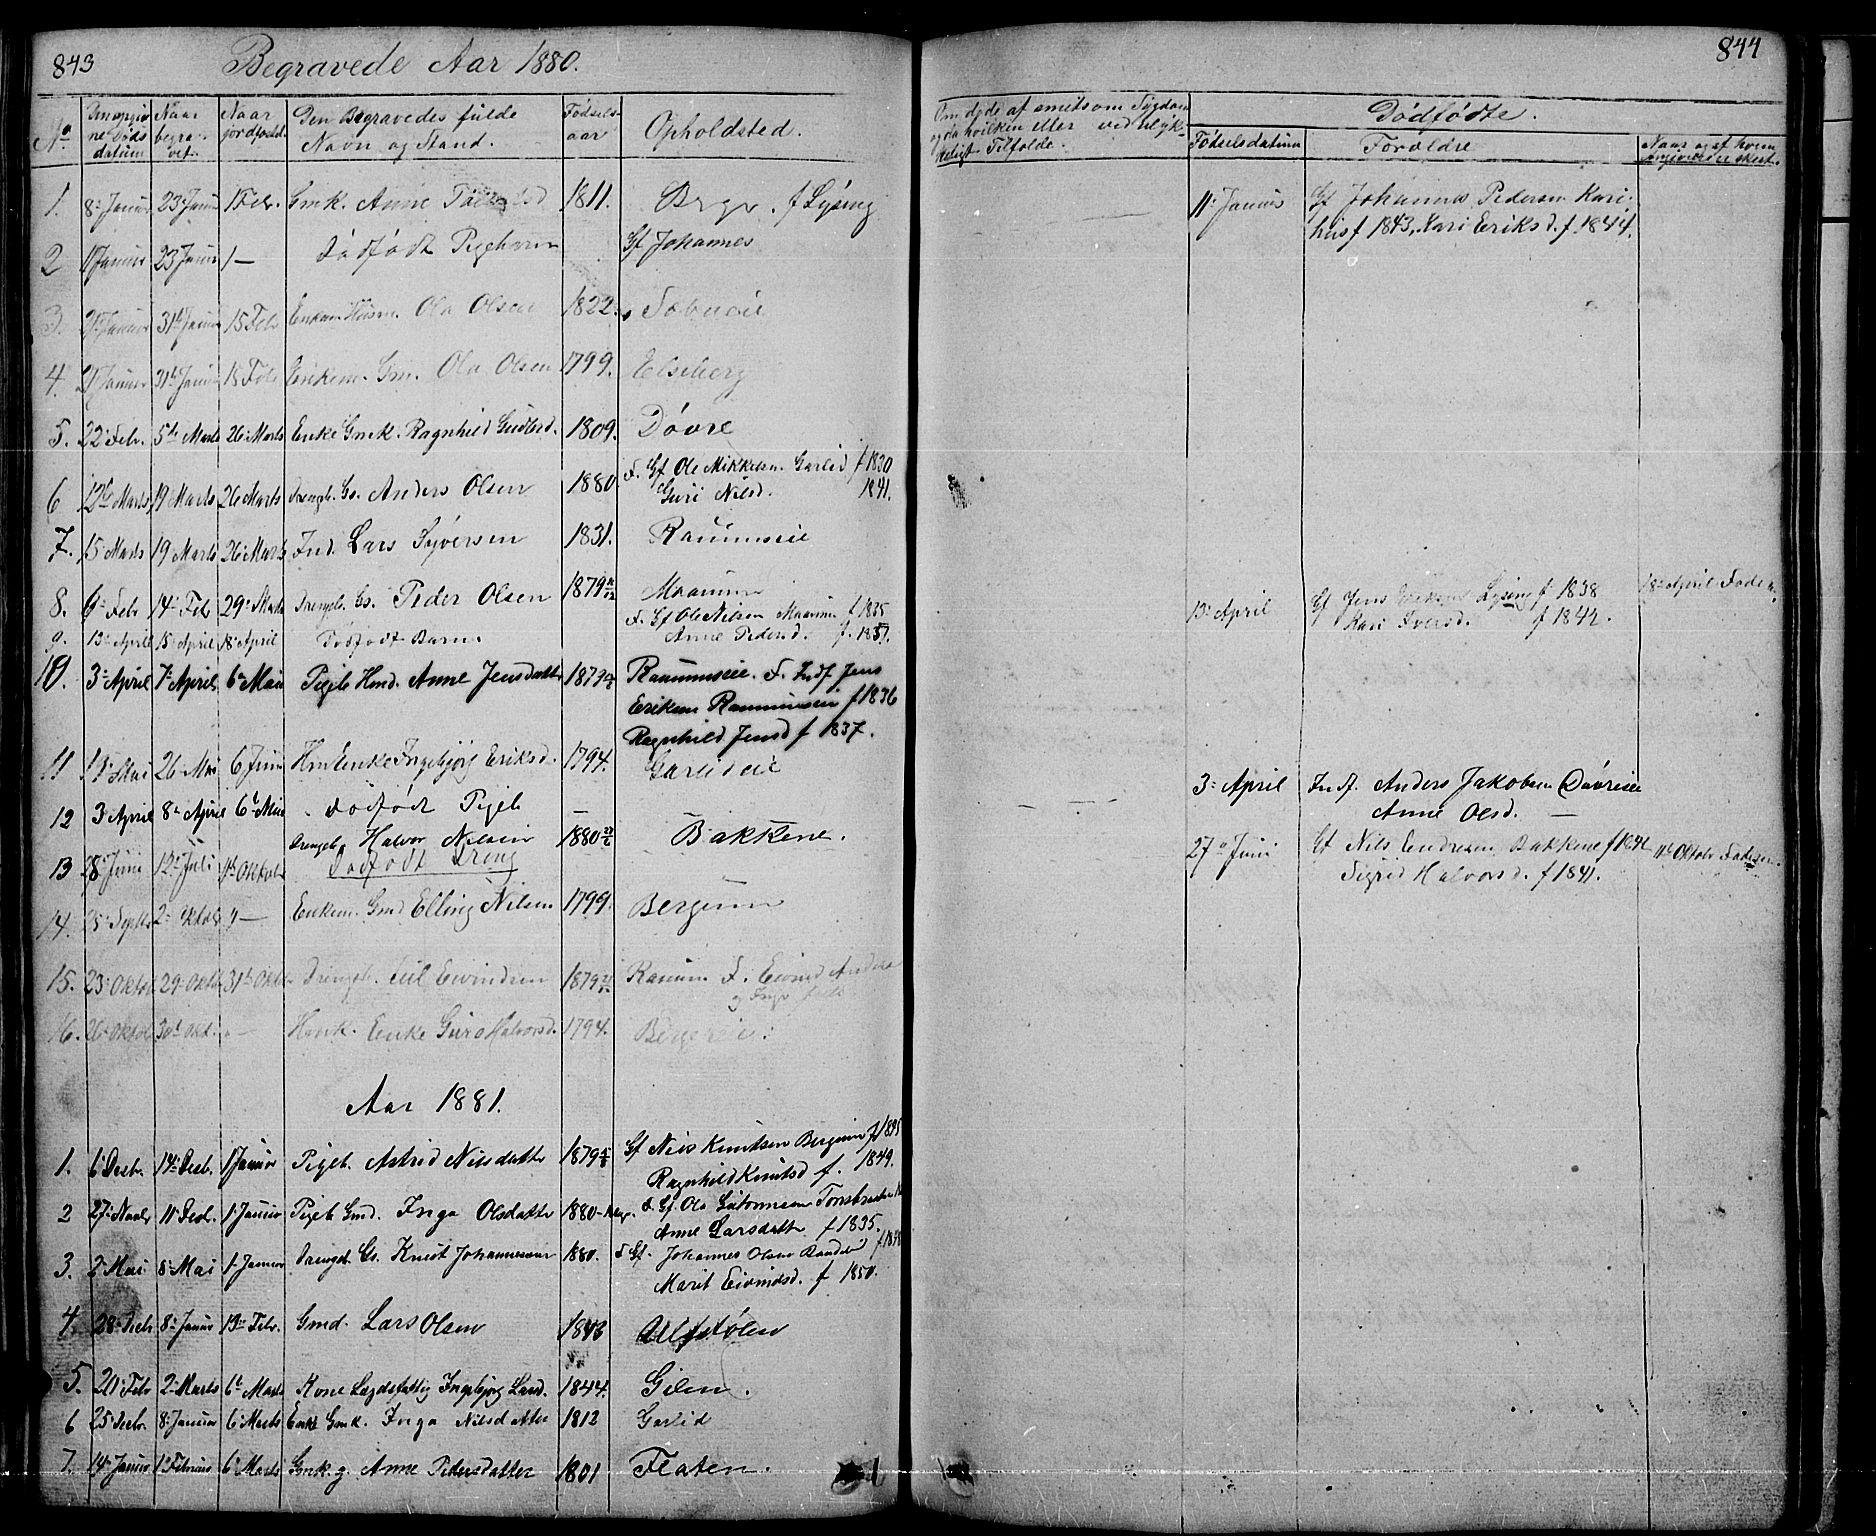 SAH, Nord-Aurdal prestekontor, Klokkerbok nr. 1, 1834-1887, s. 843-844